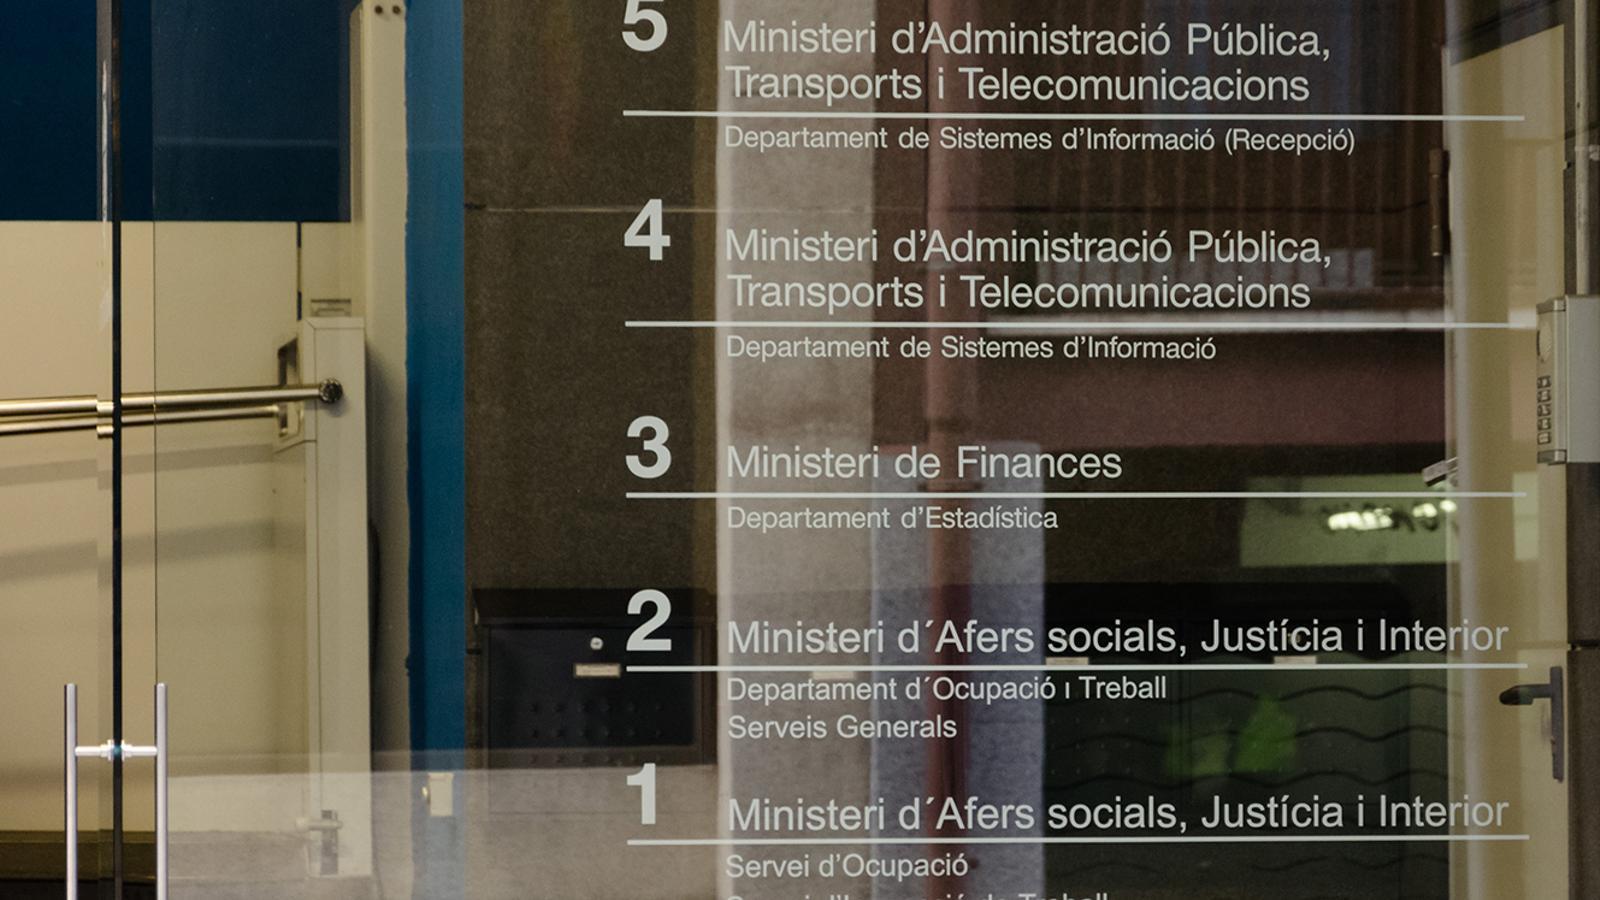 Entrada a l'edifici que acull el departament d'Estadística del Govern. / ARXIU ANA